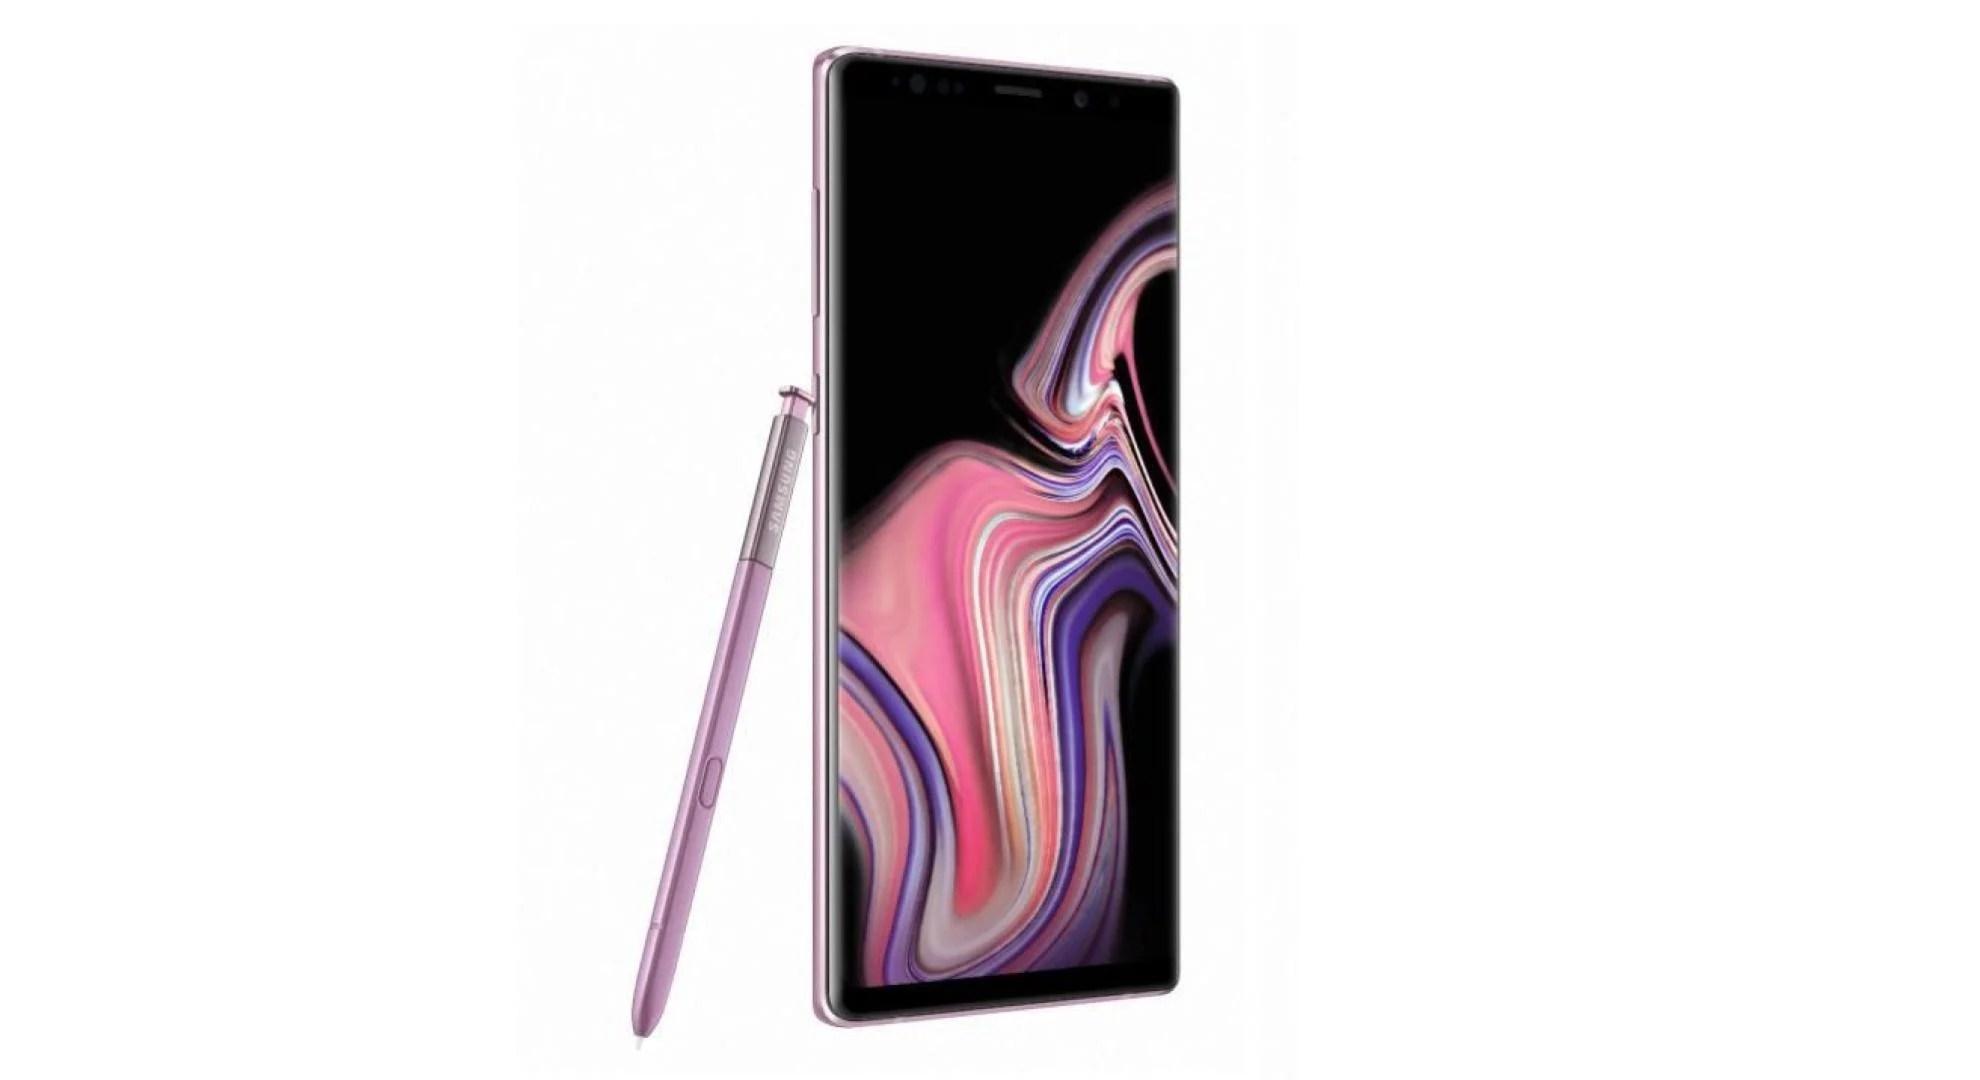 L'excellent Samsung Galaxy Note 9 descend au prix inédit de 529 euros